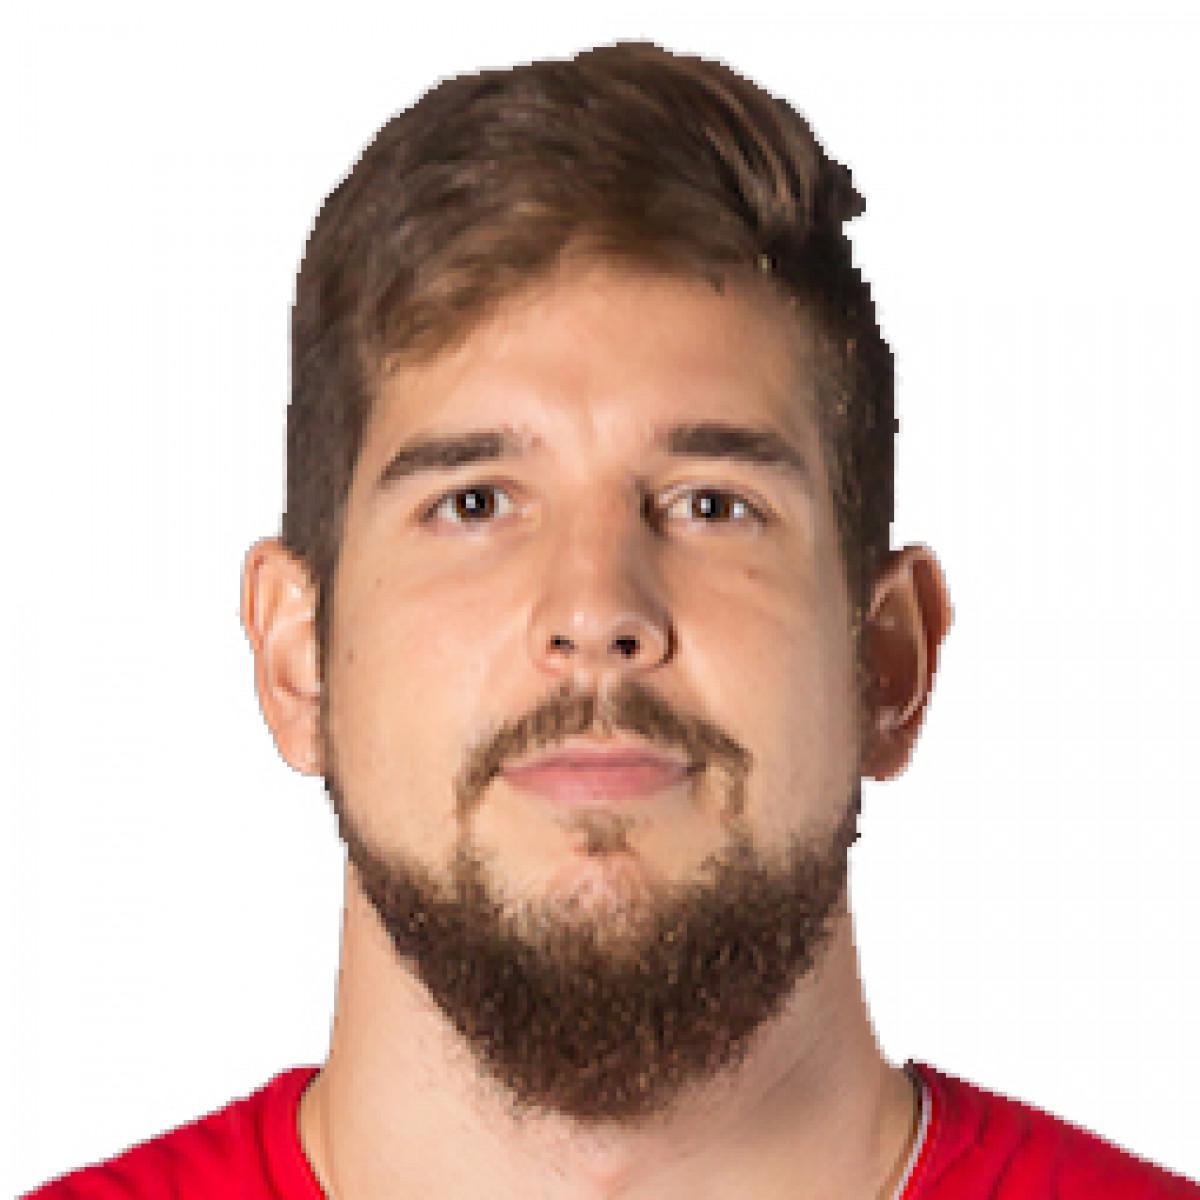 Ioannis Iarochevitch